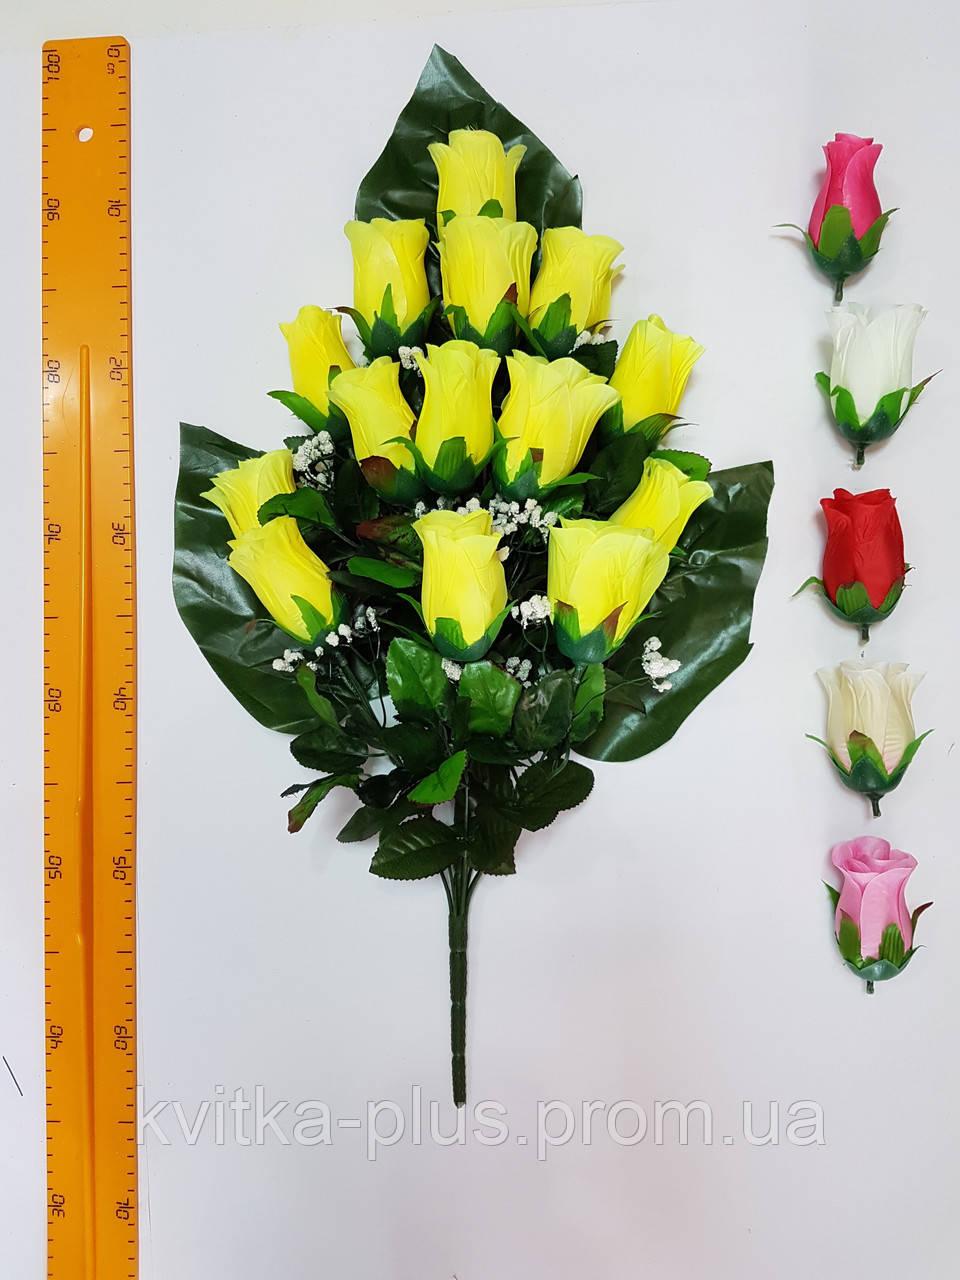 Искусственные цветы купить одиночки заказ комнатных цветов с доставкой по россии